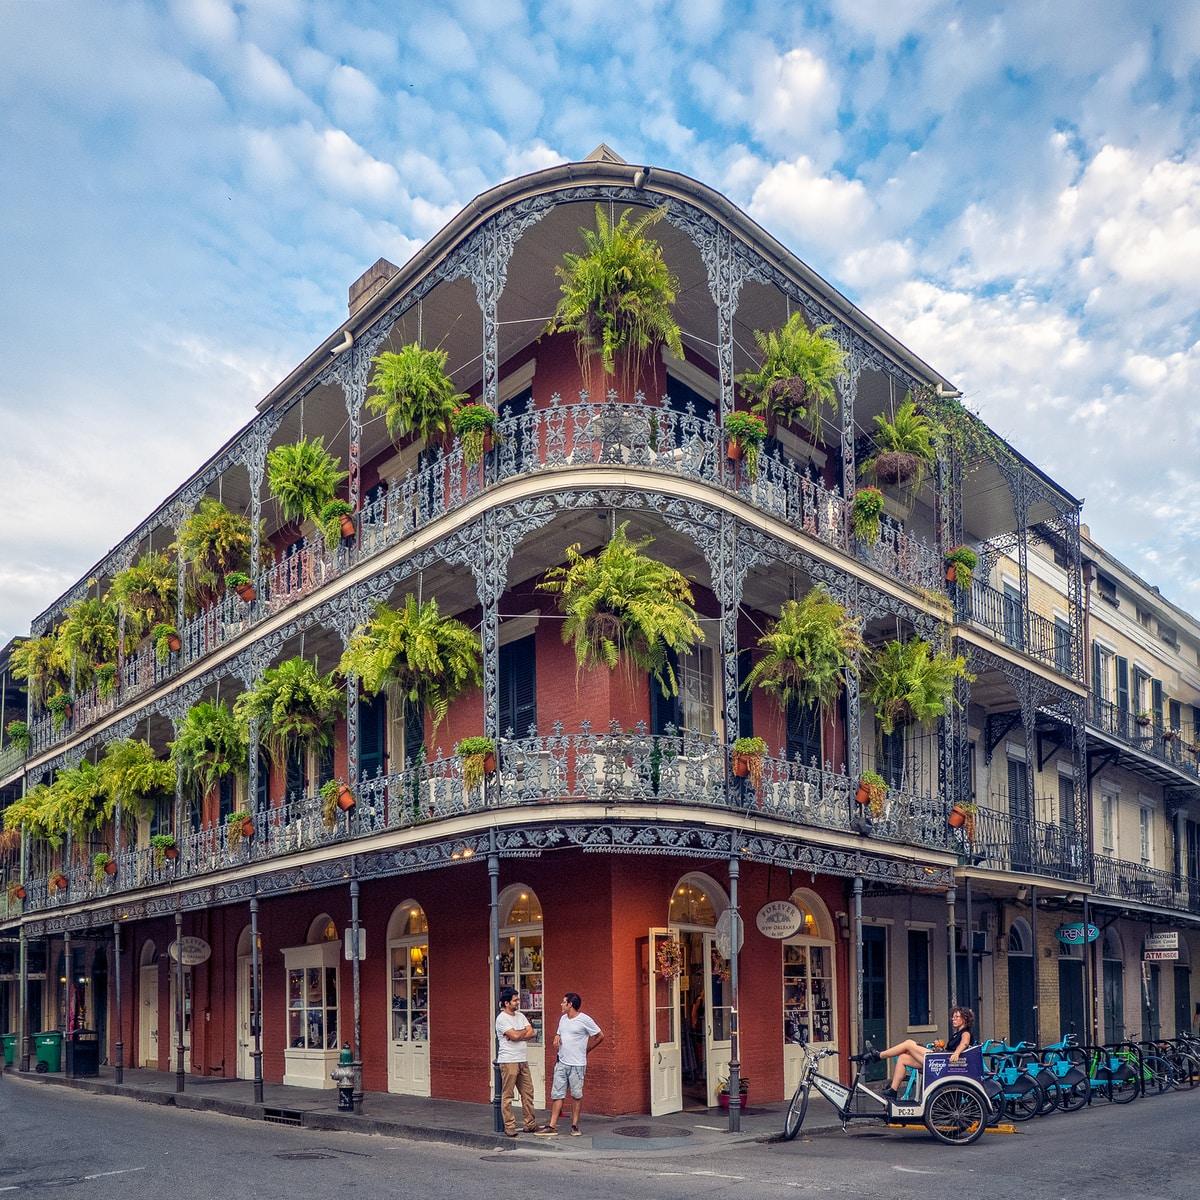 Spirits, History, and Belief: Dark Tourism in New Orleans /  Esprits, histoire et croyance : le tourisme sombre à la Nouvelle-Orléans – with Lynda Daneliuck